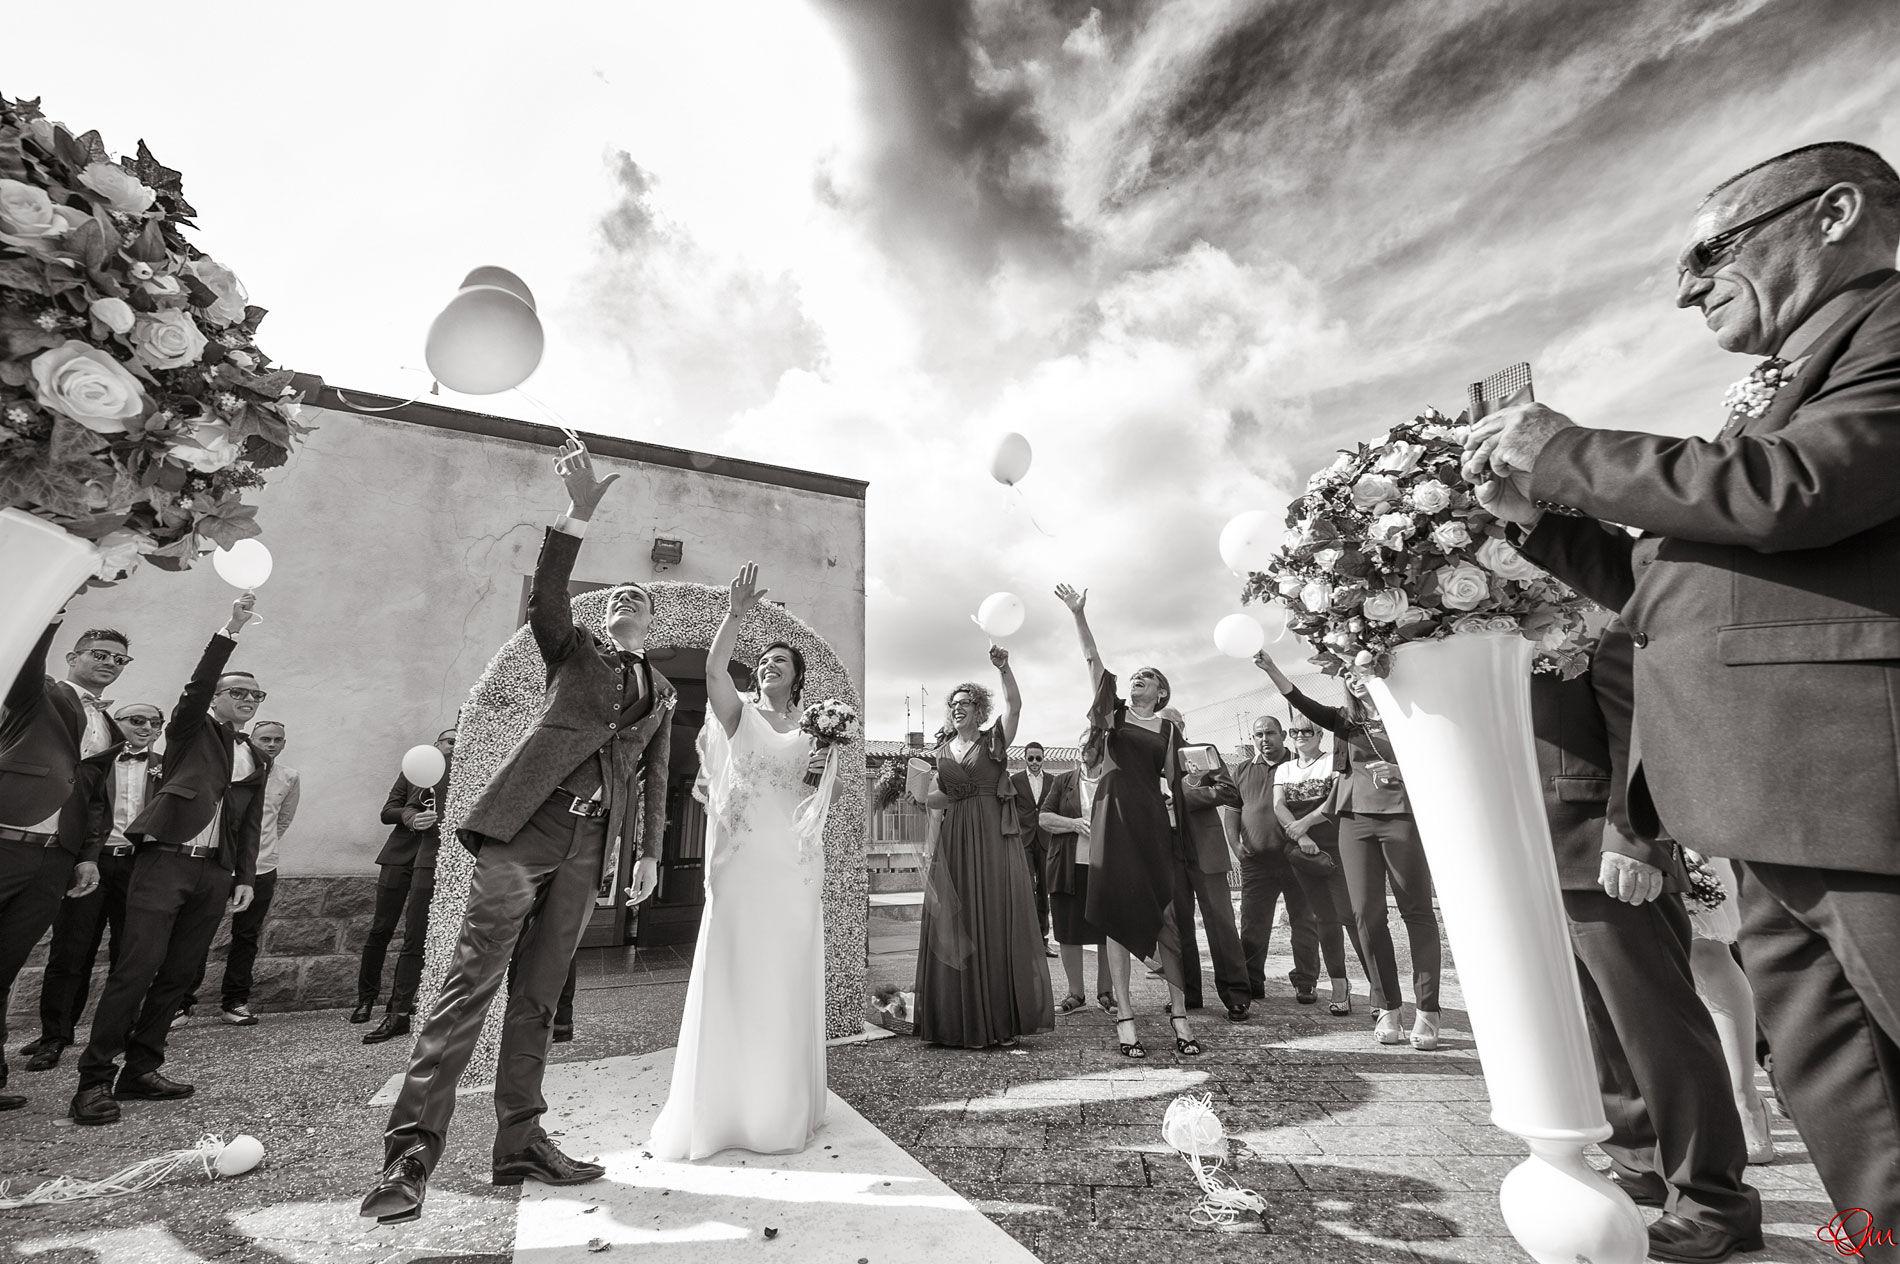 pier-carlo-murru-fotografo-matrimonio-sardegna-cagliari-servizi-fotografici